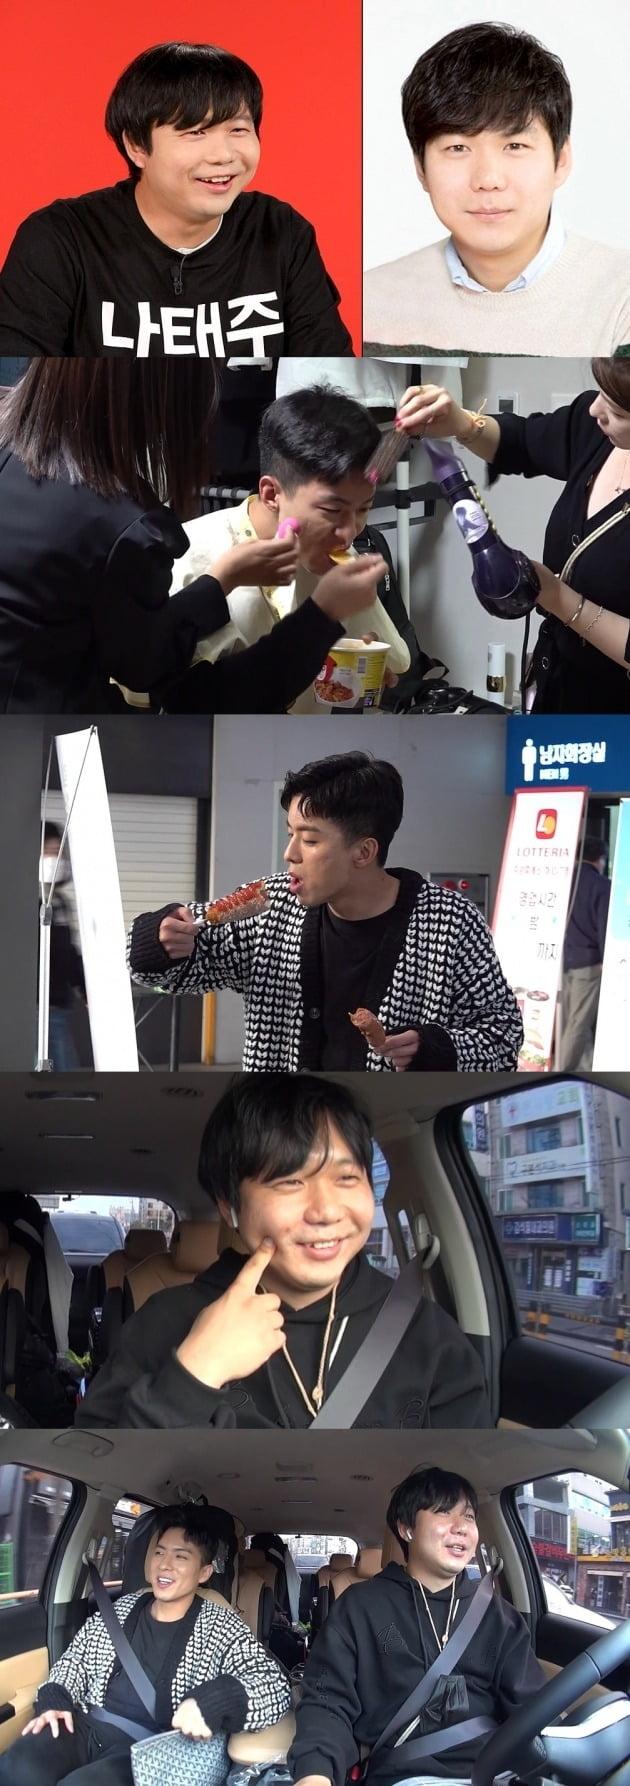 '전참시'에 나태주와 매니저가 출연한다. / 사진제공=MBC